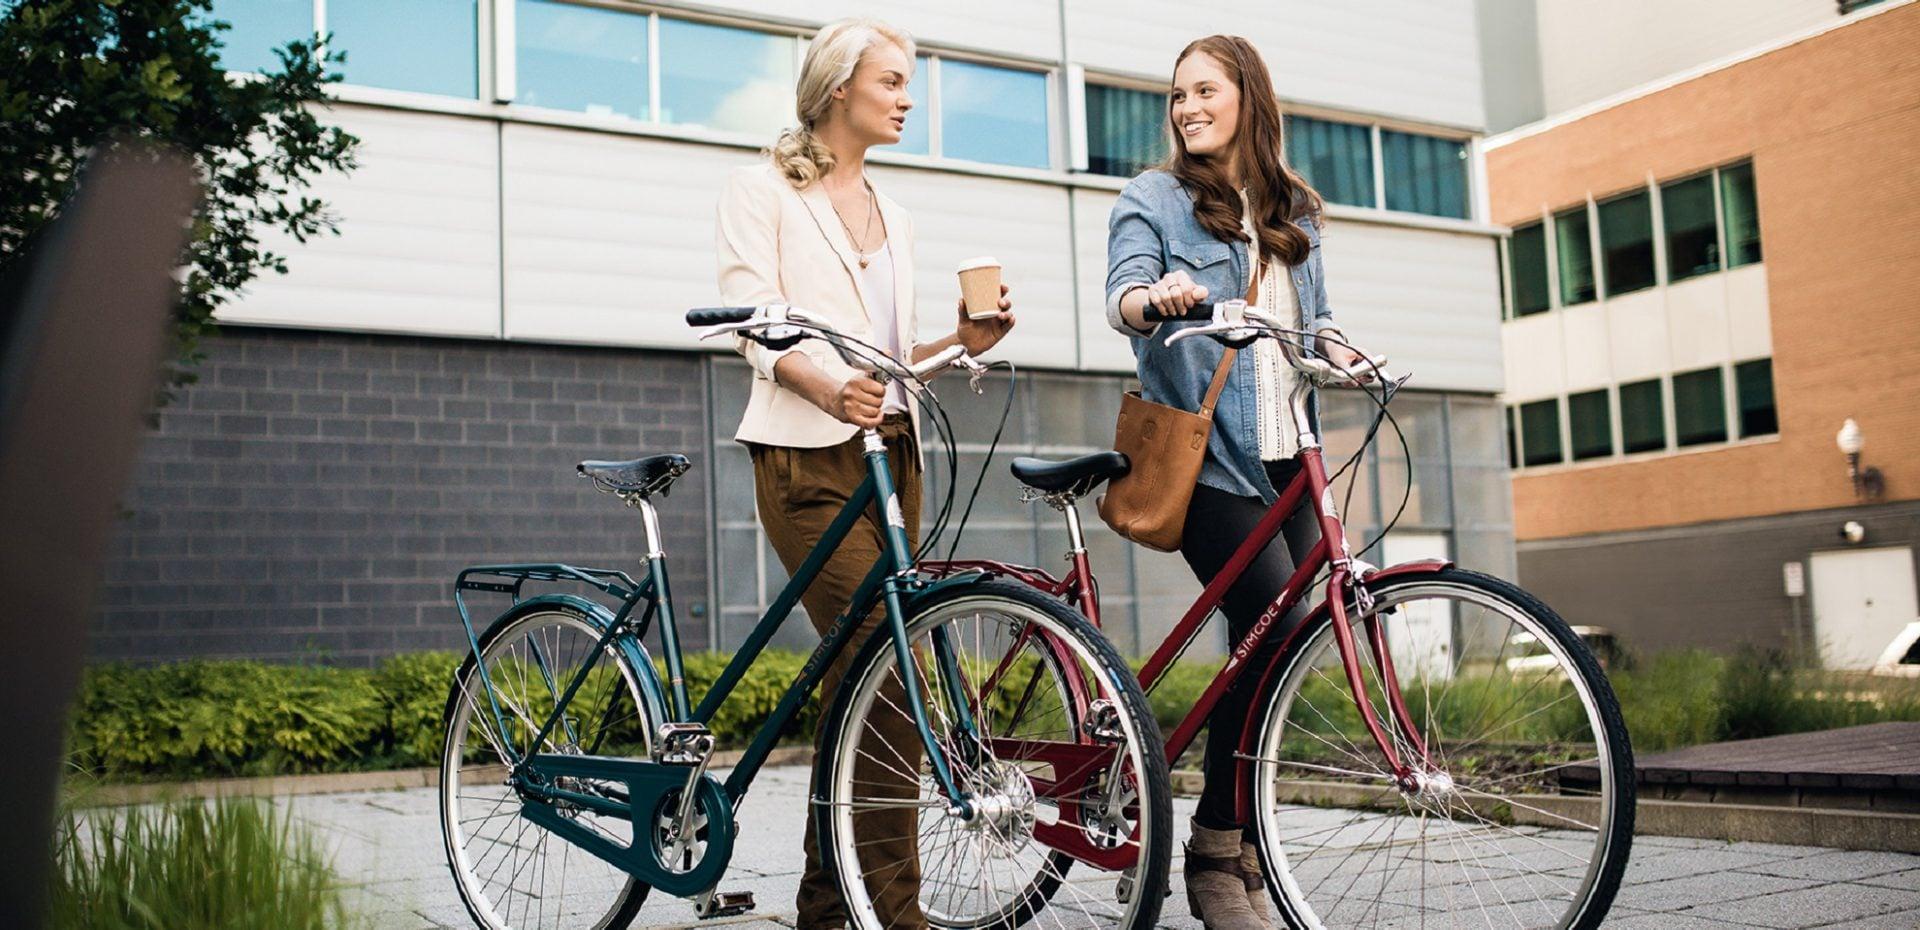 آمار دوچرخه سواری